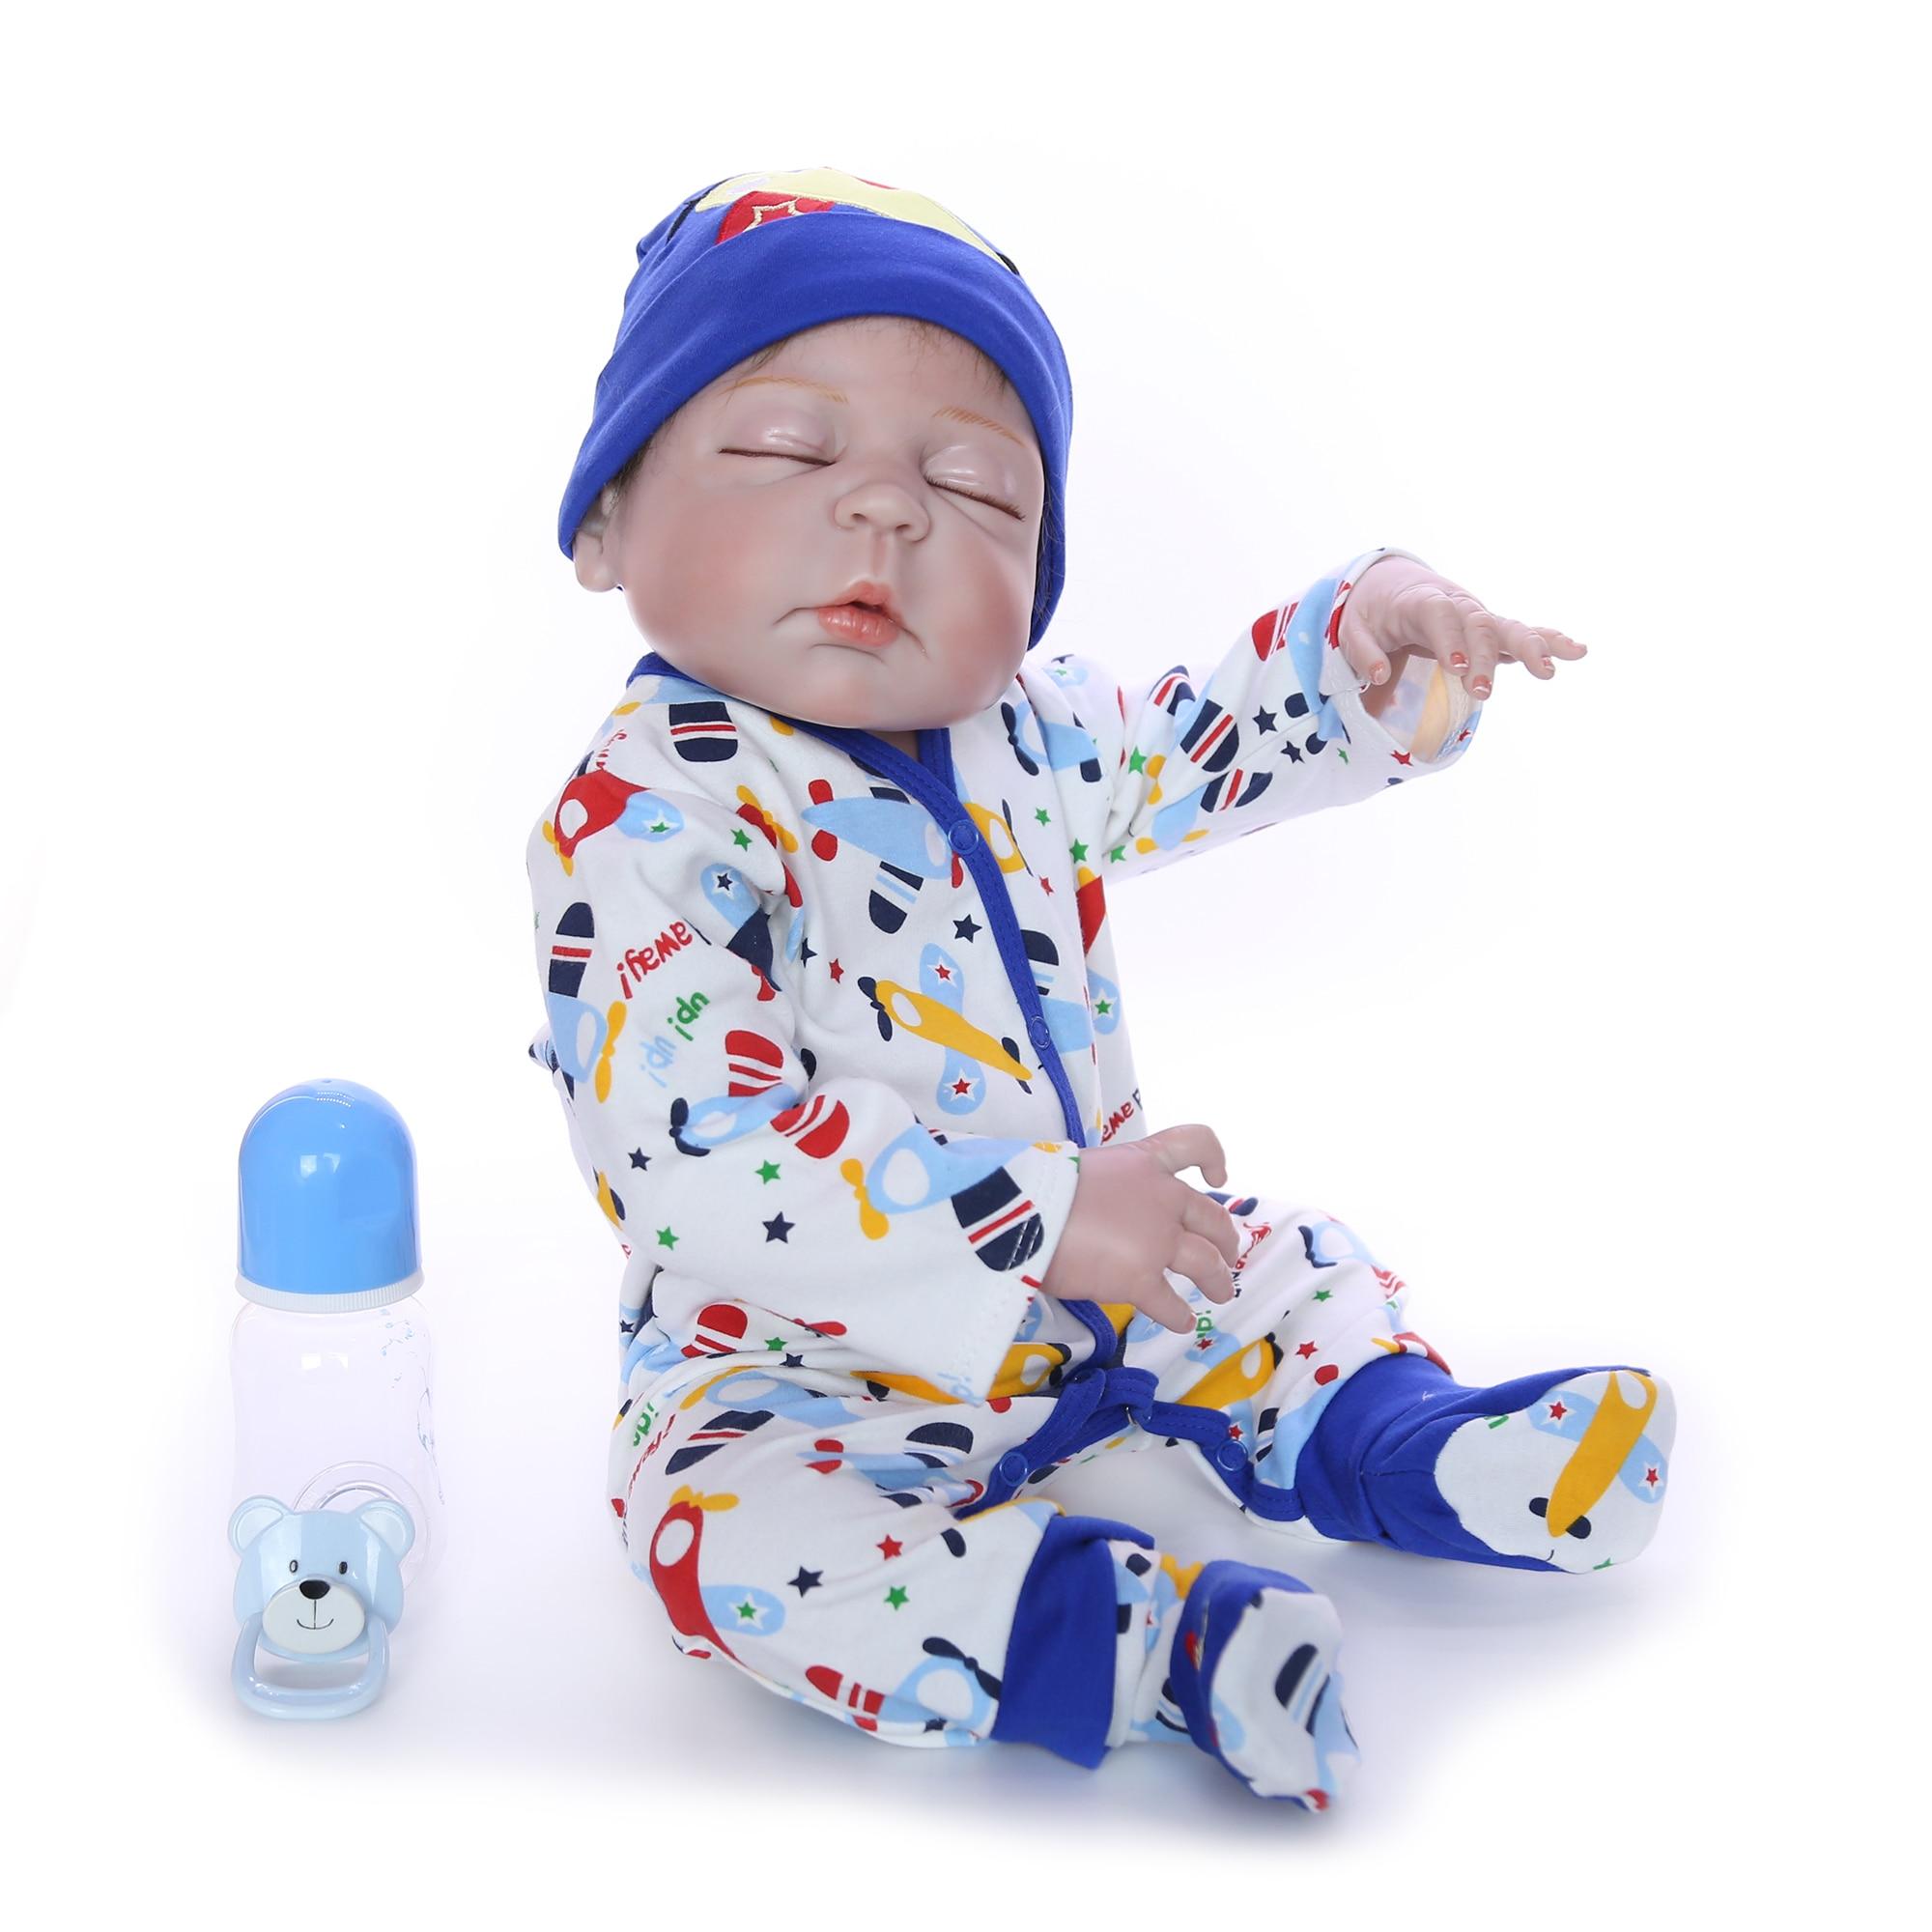 Colección limitada de 23 ''57 cm muñecas Reborn vinilo de silicona completo niño durmiendo muñeca juguete para Cumpleaños de Niños regalo-in Muñecas from Juguetes y pasatiempos    2